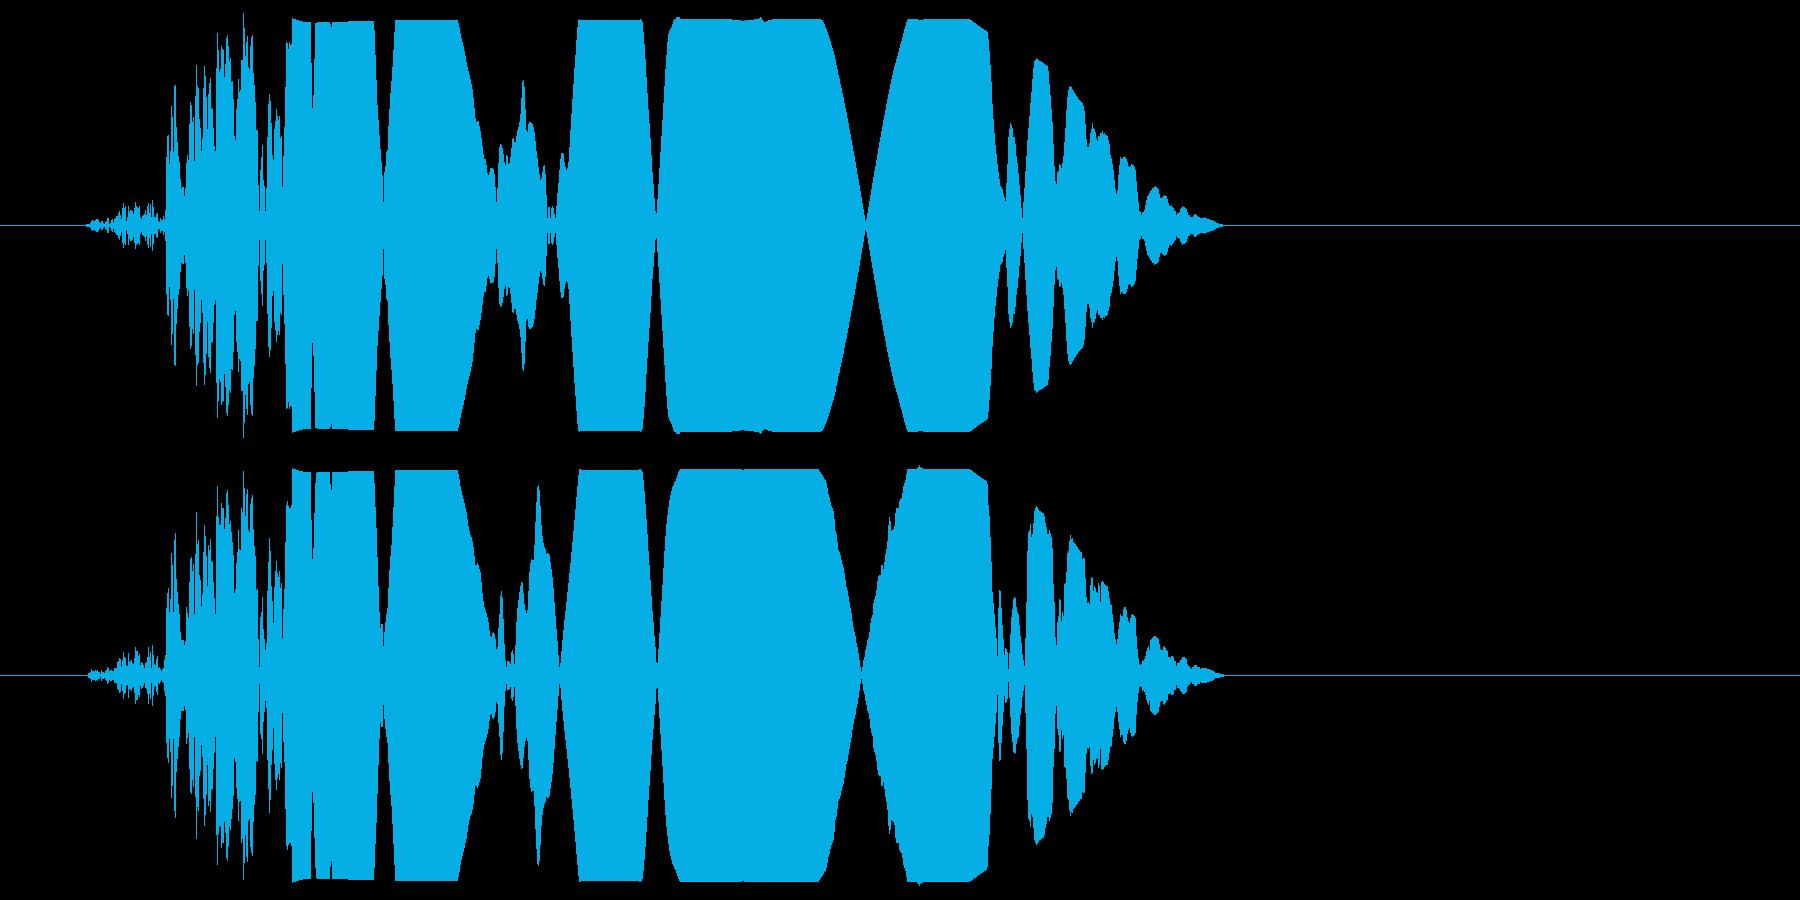 カチャ(軽く叩く・置く音)の再生済みの波形